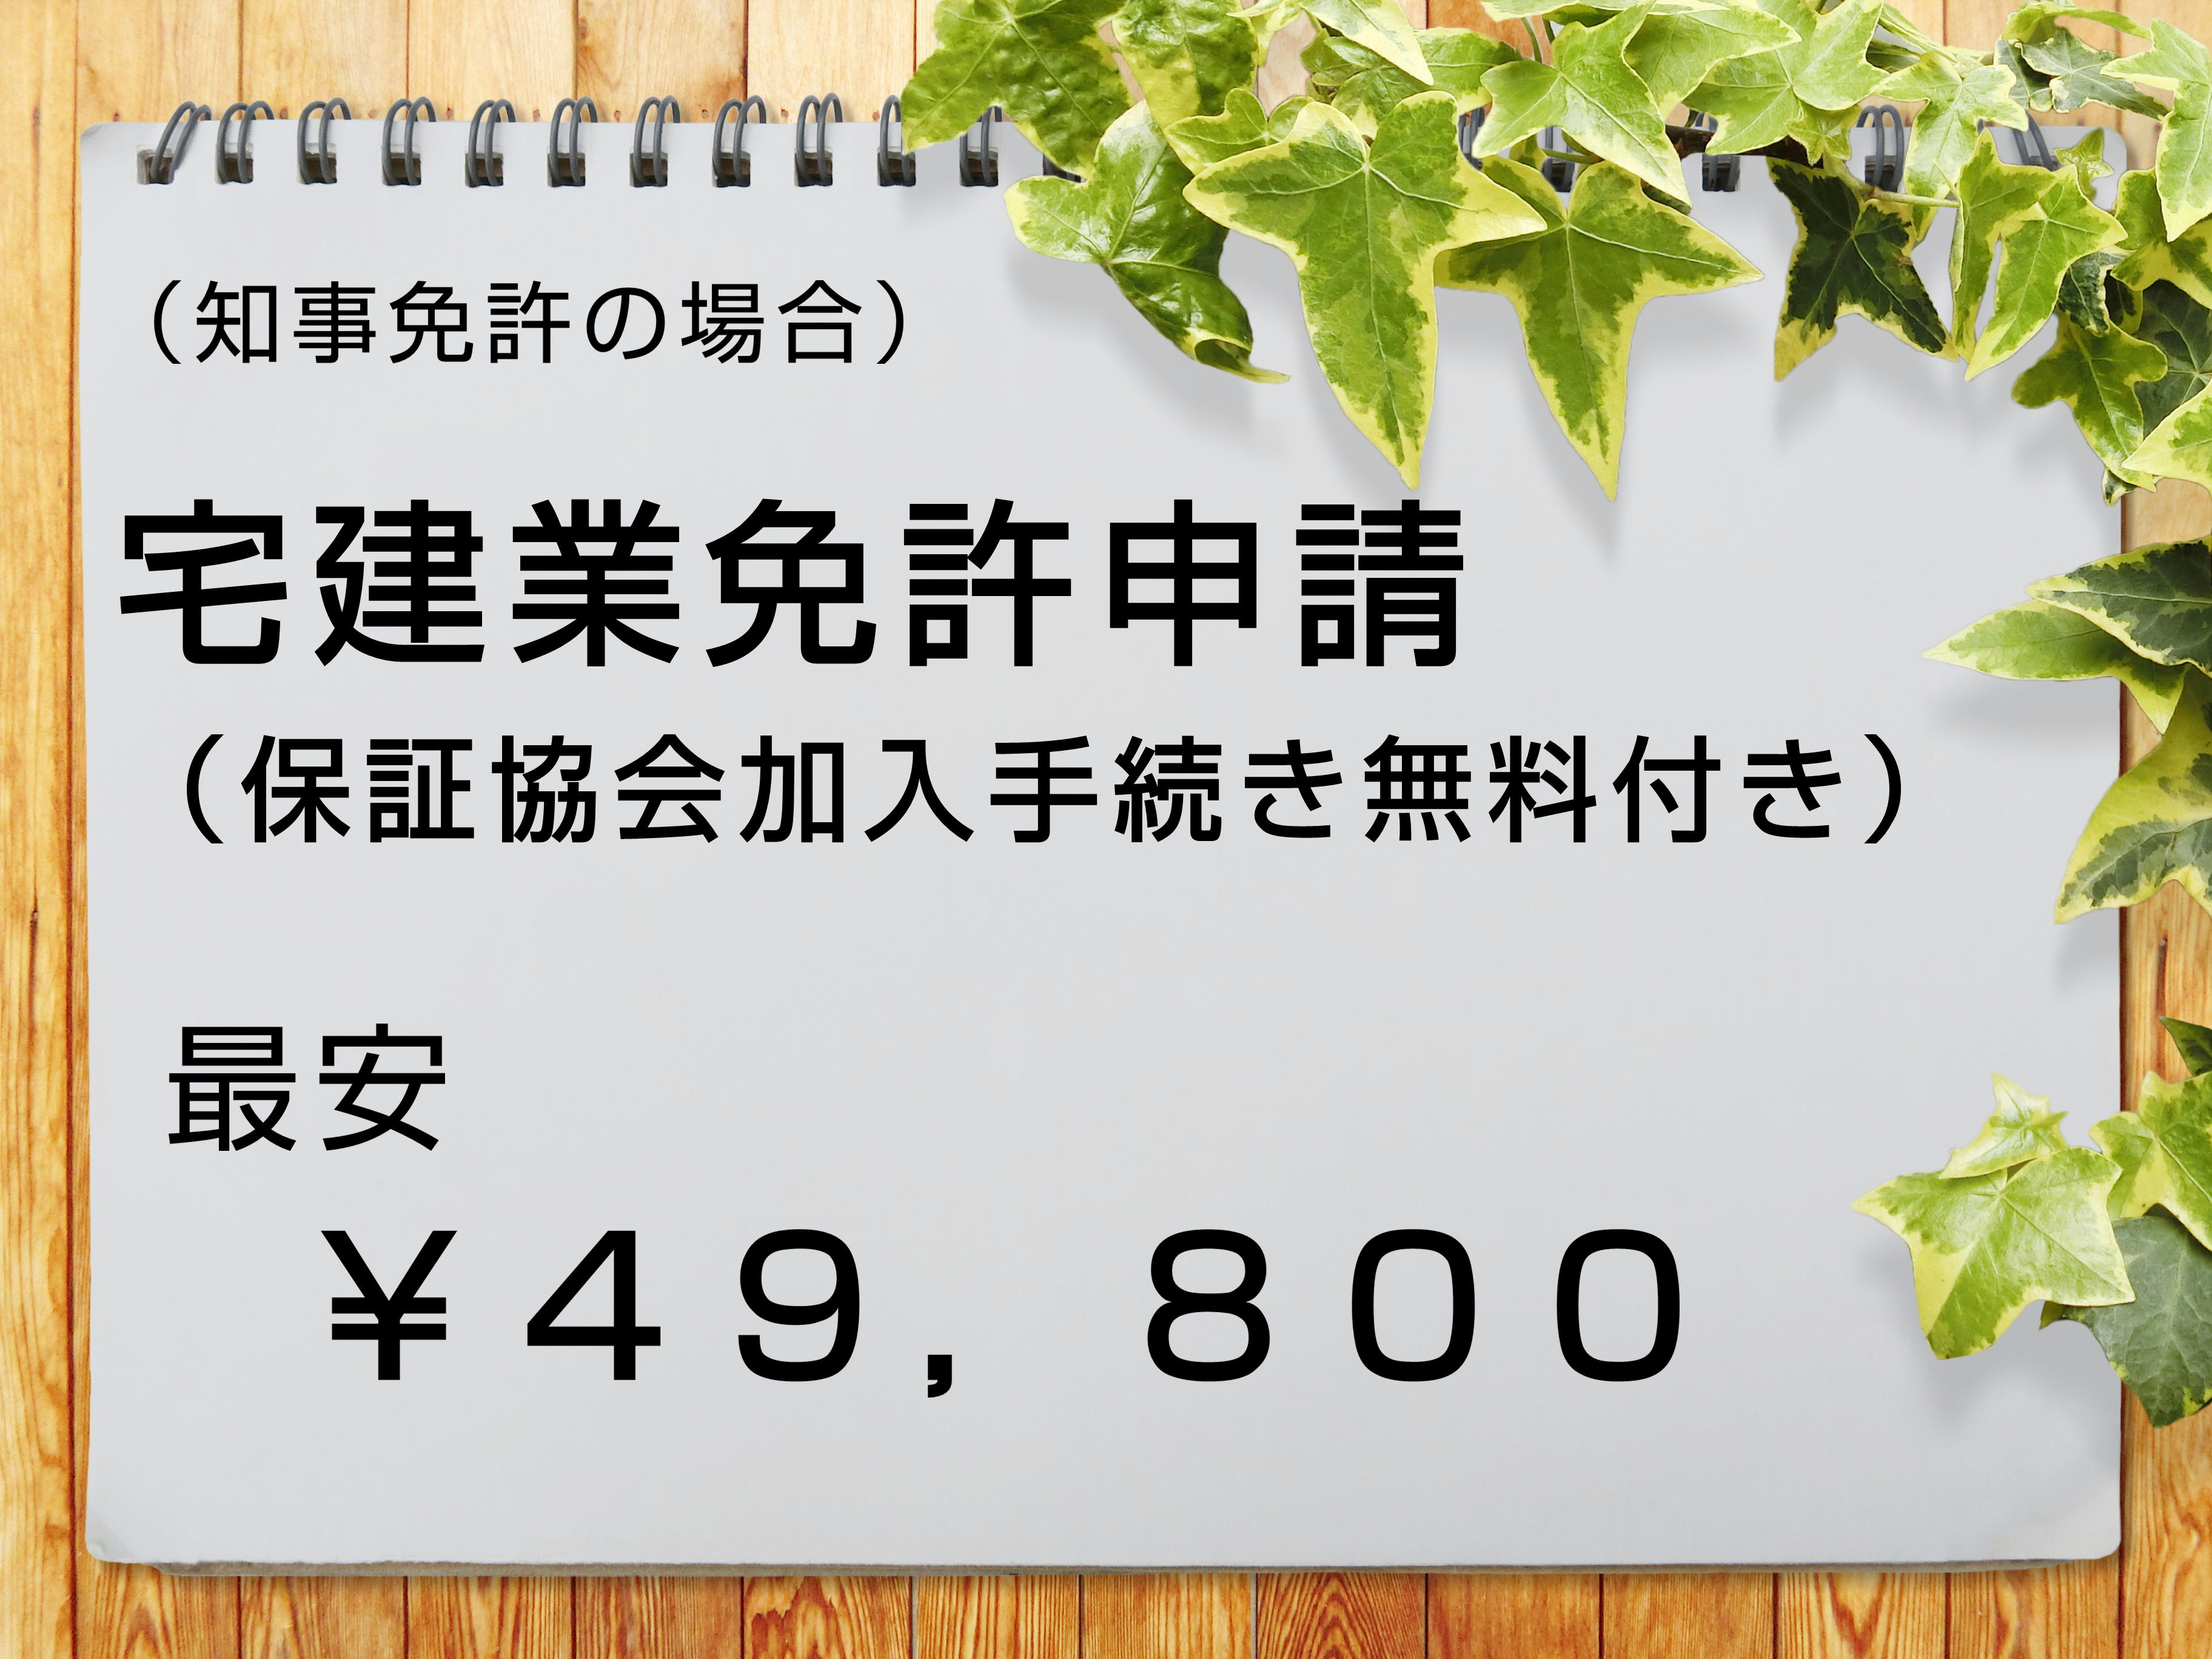 宅建業免許申請(保証協会加入手続き無料)最安値